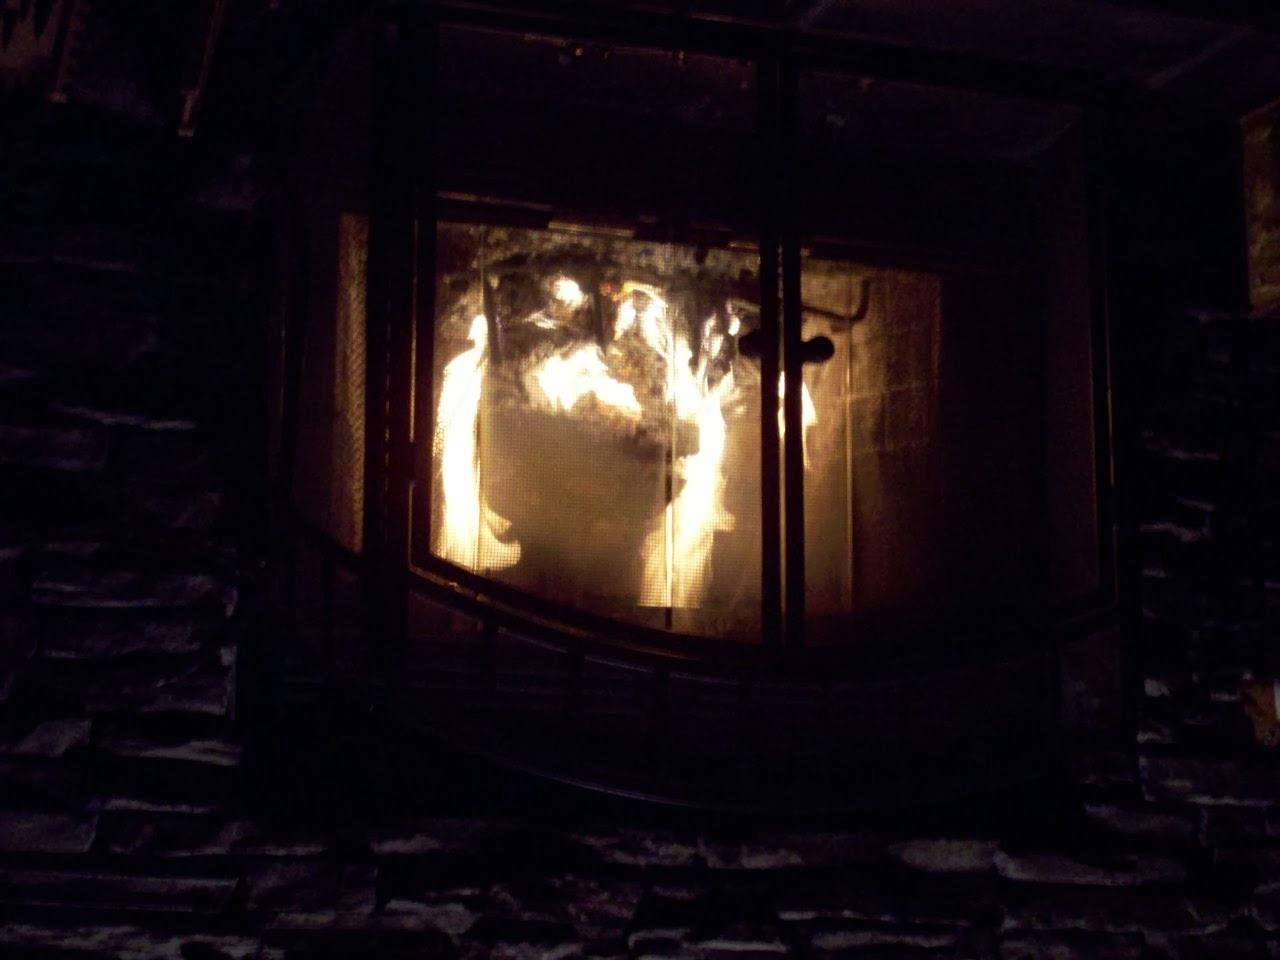 mamawjs moment away enviro log firelogs or firestarters which